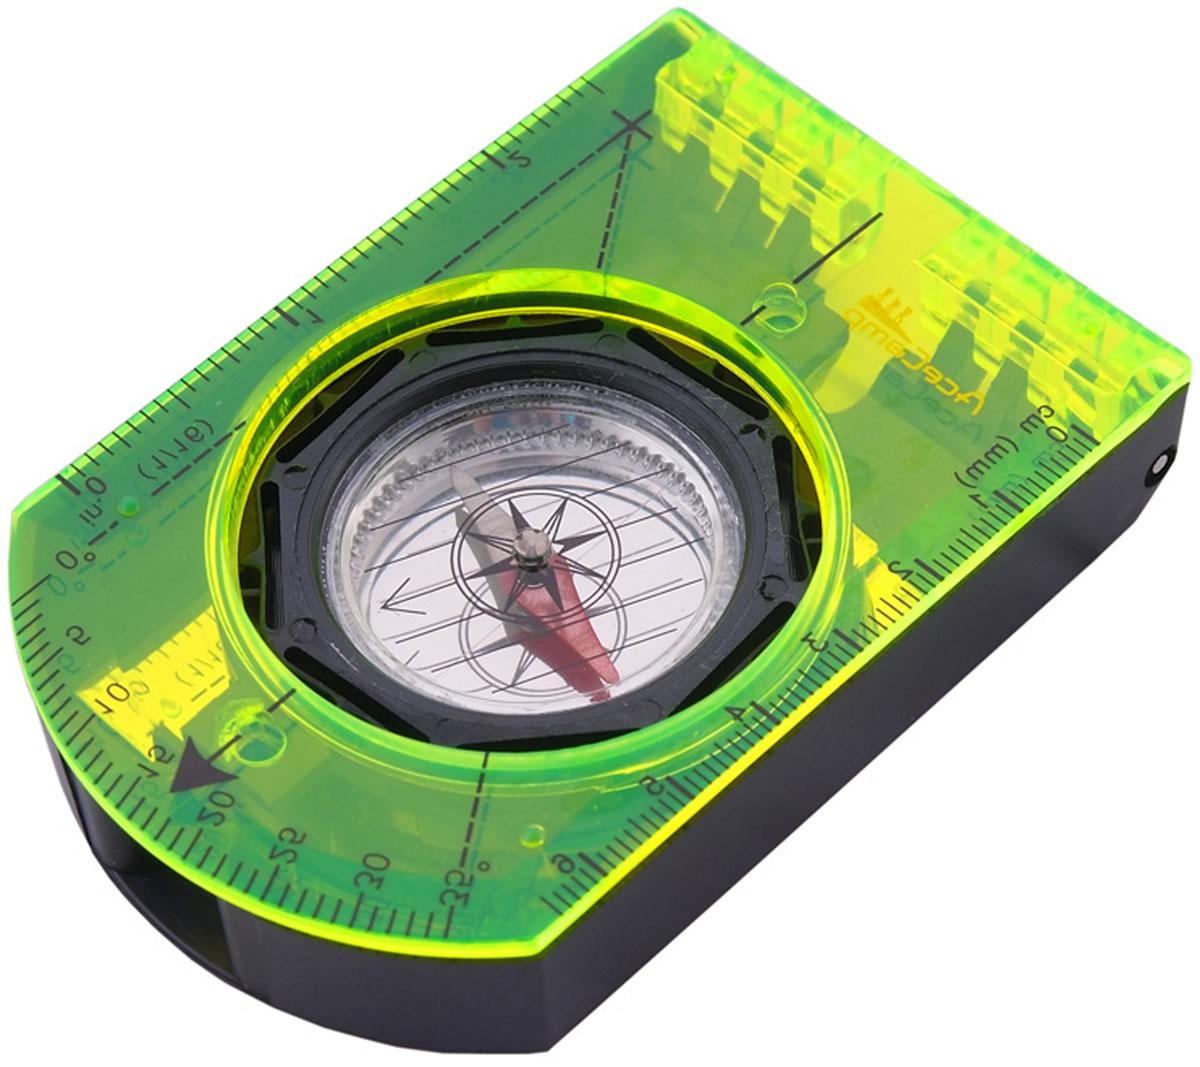 региональный компас модель по картинке продлить срок